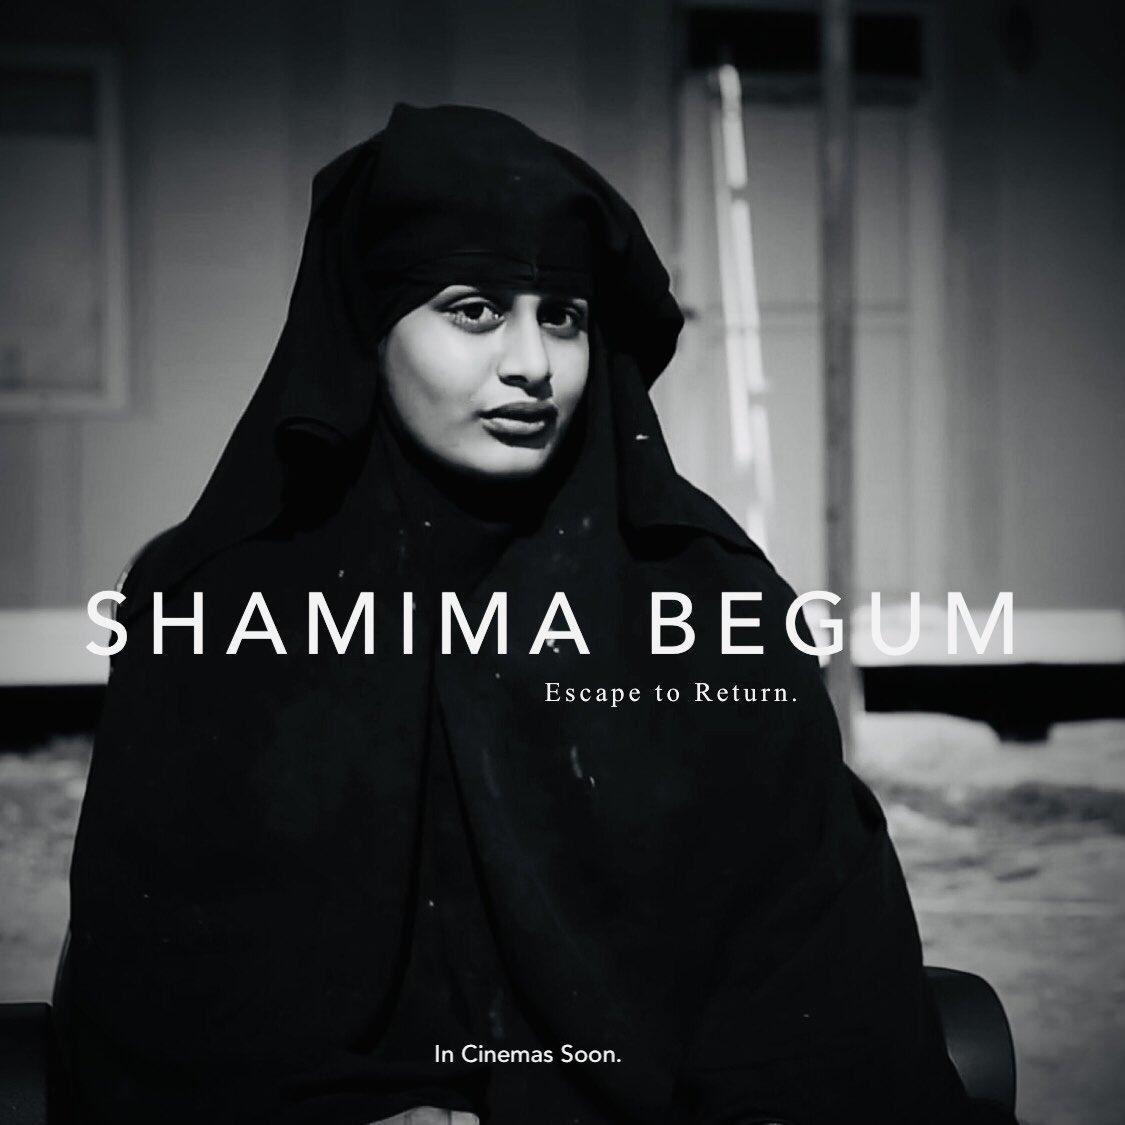 S H A M I M A  B E G U M  in cinemas soon. #concept #film #ShamimaBegum #news #bbc #new #concept #poster #art #twitter #define #4k #define4k #shamima #begum #movie #disney #AmazonPrime #CH